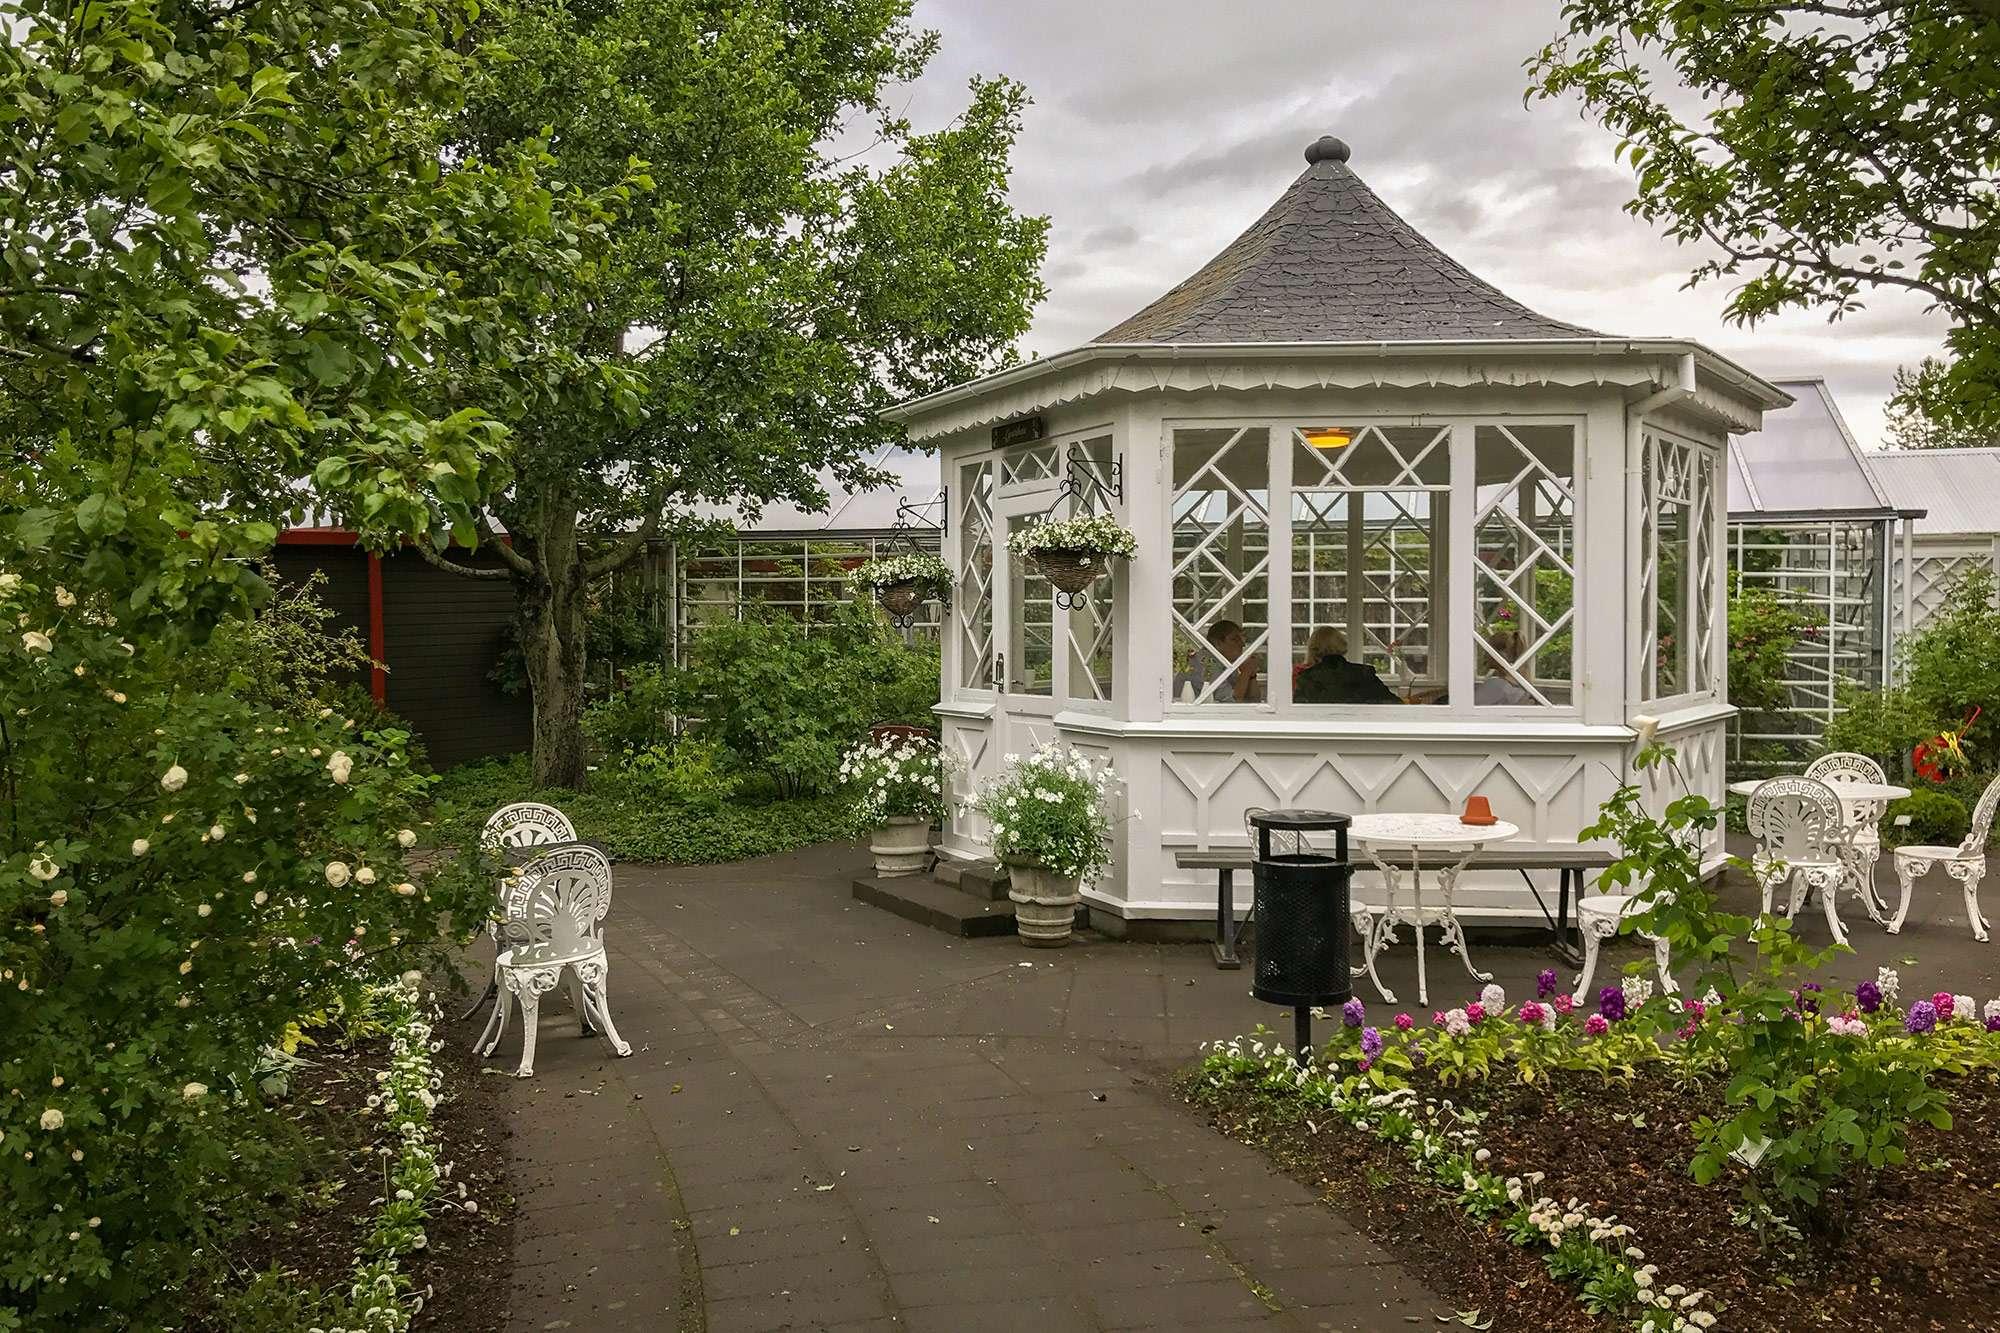 tehuset i reykjavik botaniske have